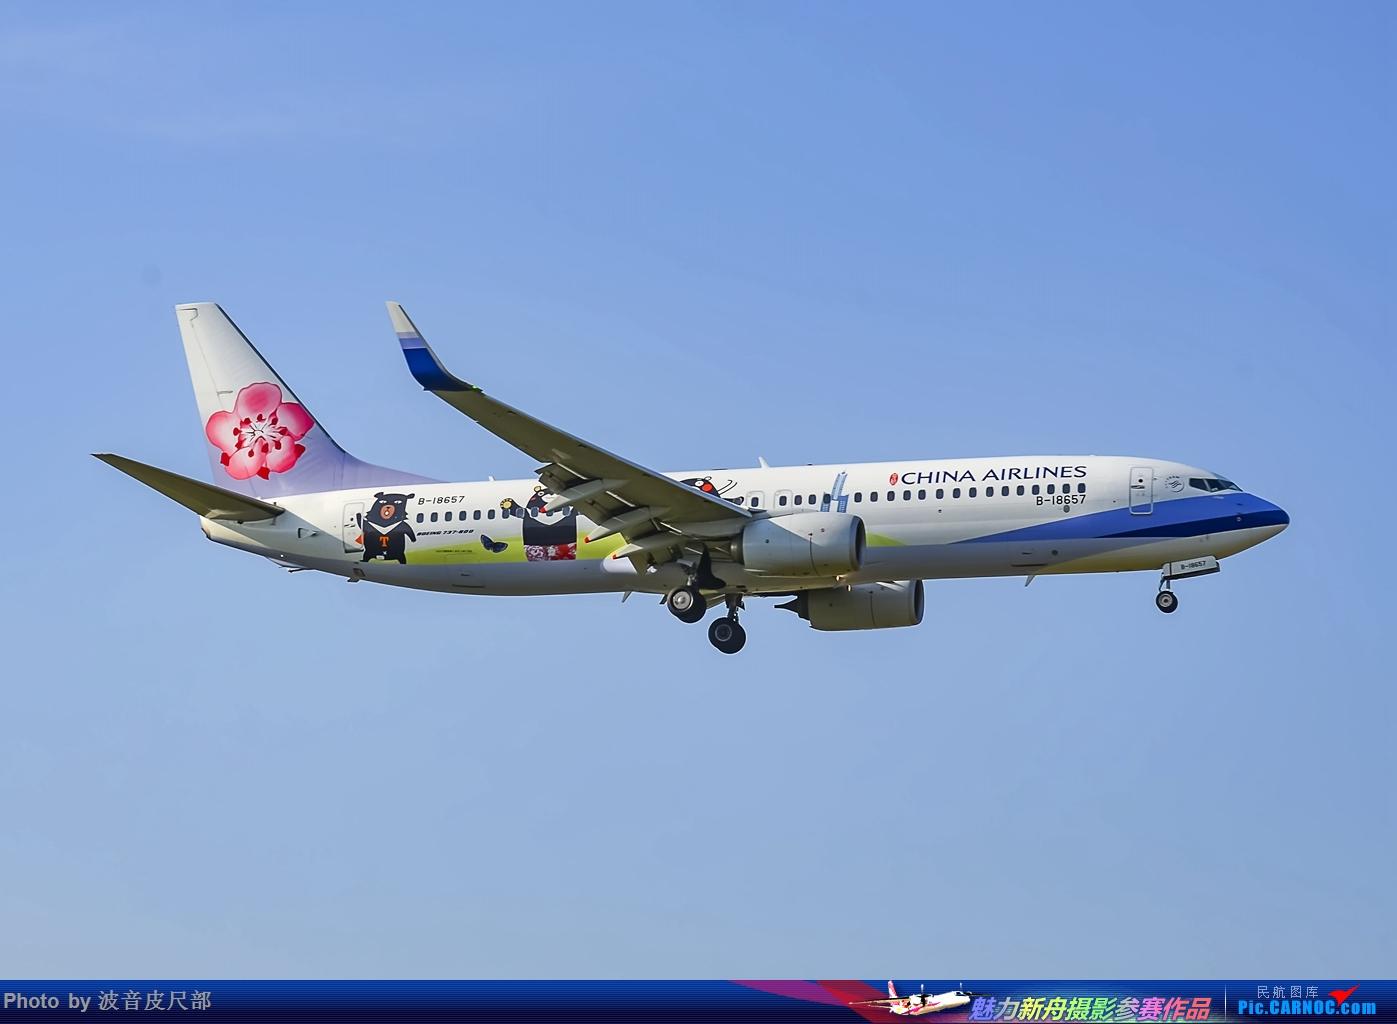 Re:[原创]郑州机场近期彩绘合集 BOEING 737-800 B-18657 中国郑州新郑国际机场